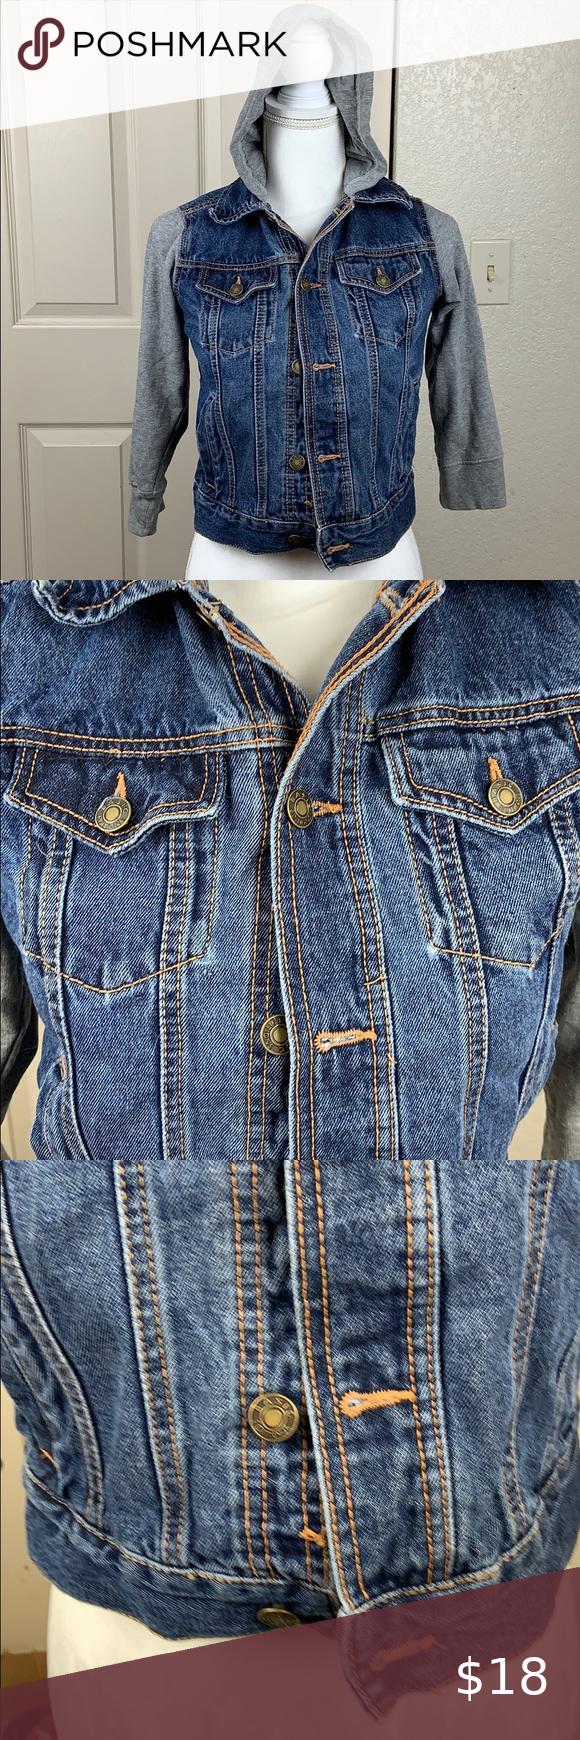 Basic Edition Jean Jacket In 2020 Jean Jacket For Girls Jean Jacket Jackets [ 1740 x 580 Pixel ]